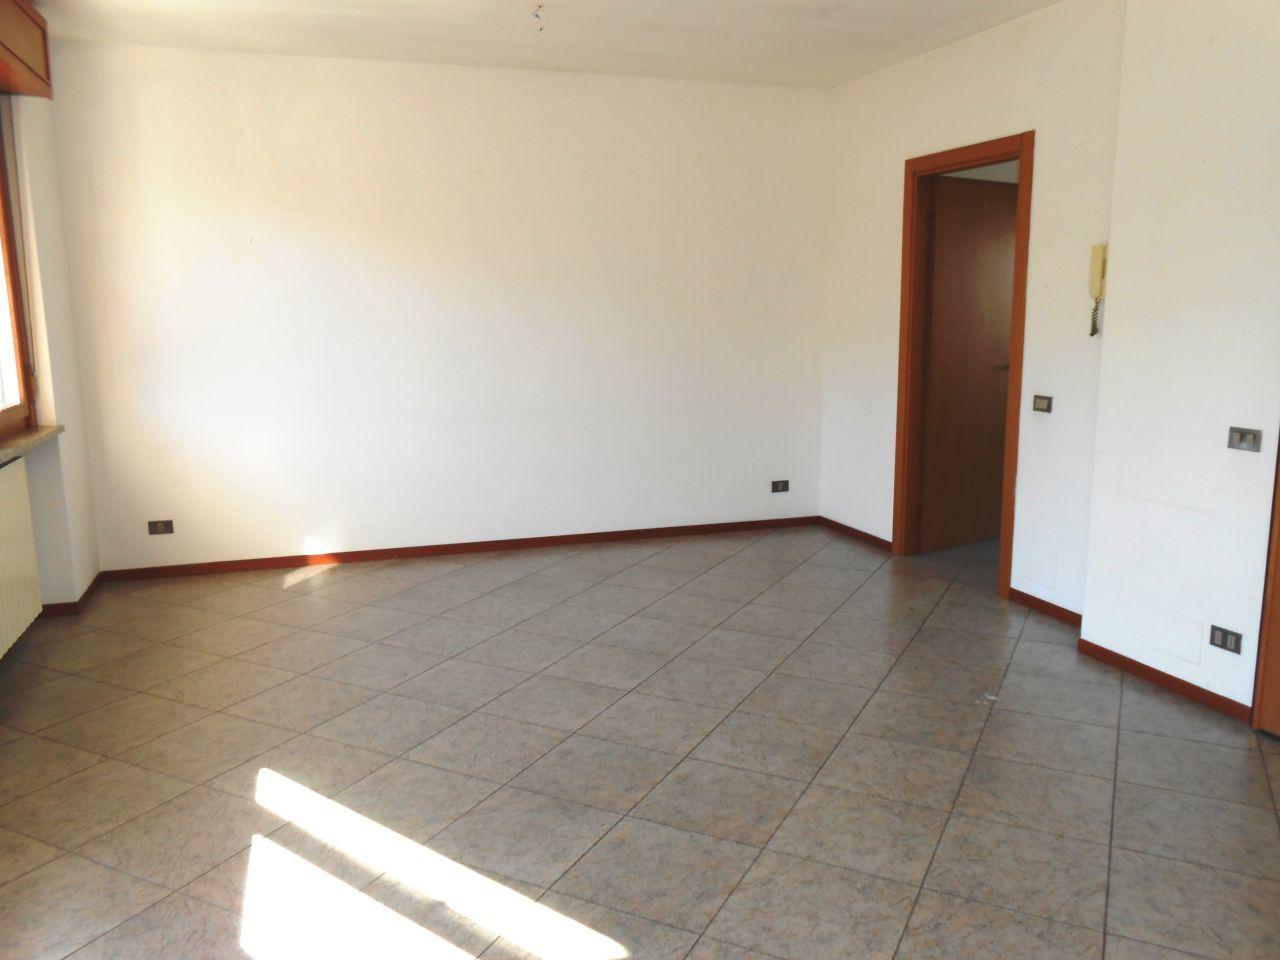 affitto appartamento novara   650 euro  4 locali  120 mq